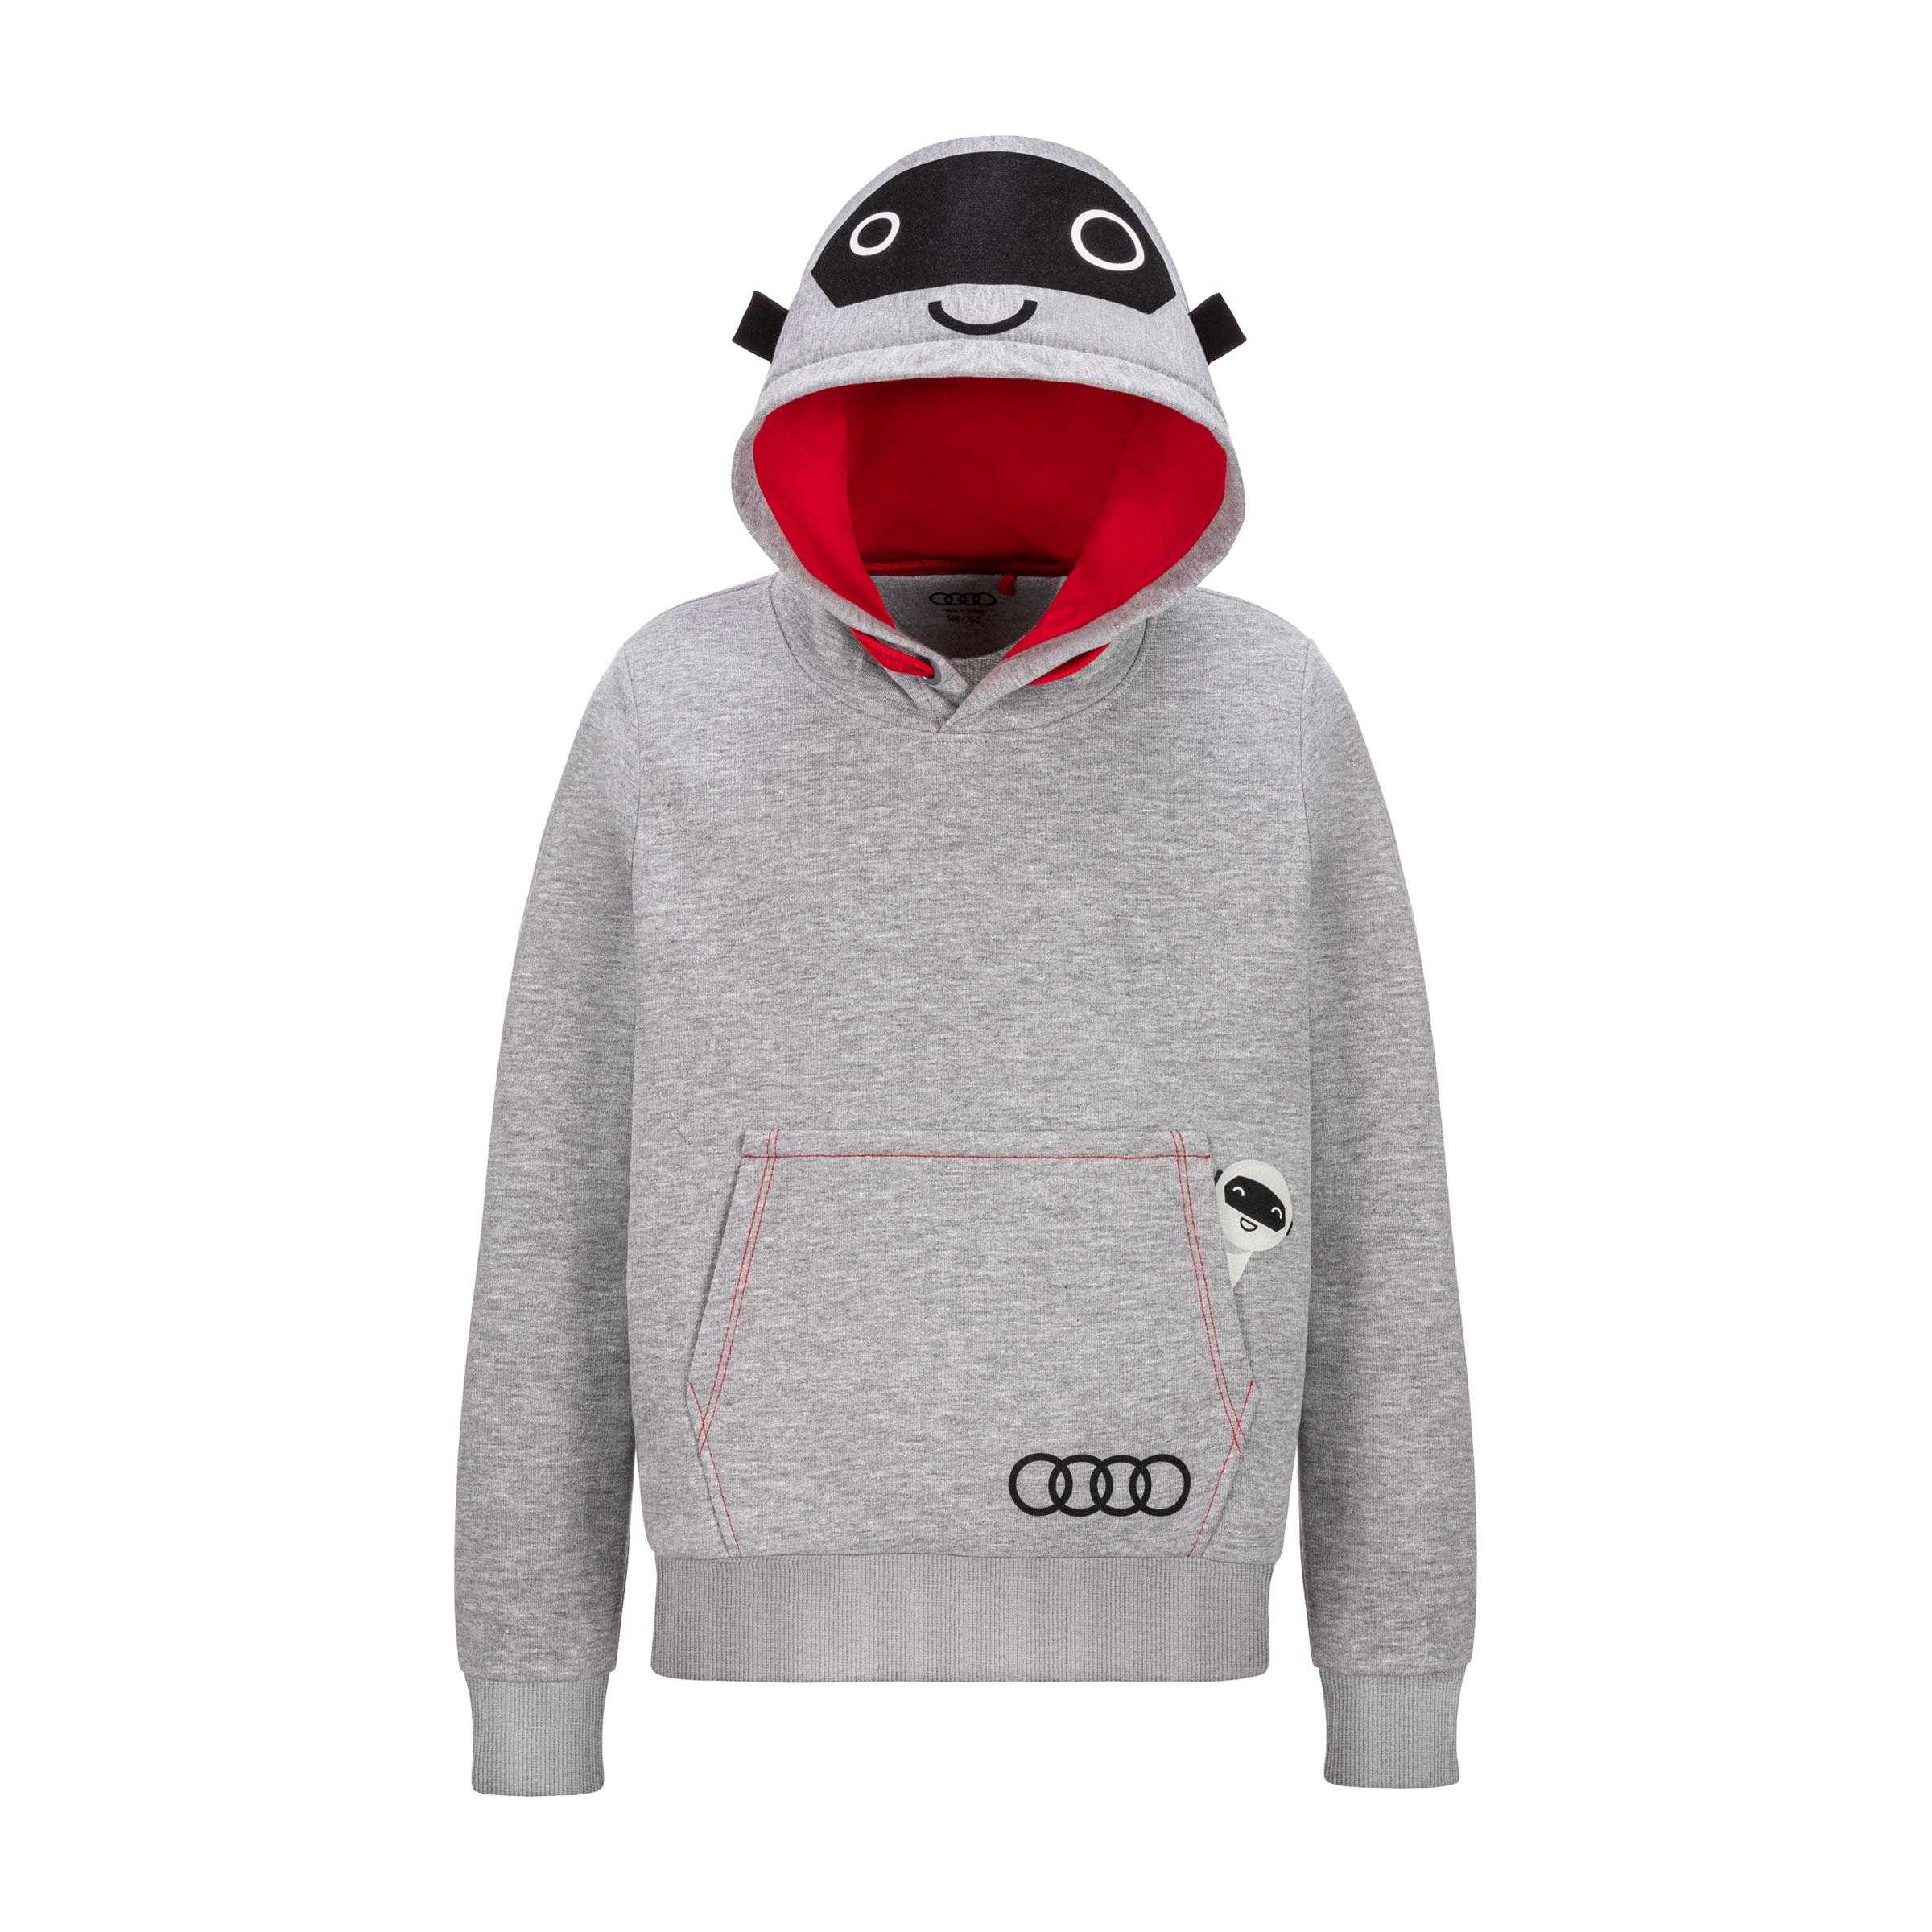 Audi Kinder Hoodie ADUI grau Größe 110/116 melange Pullover